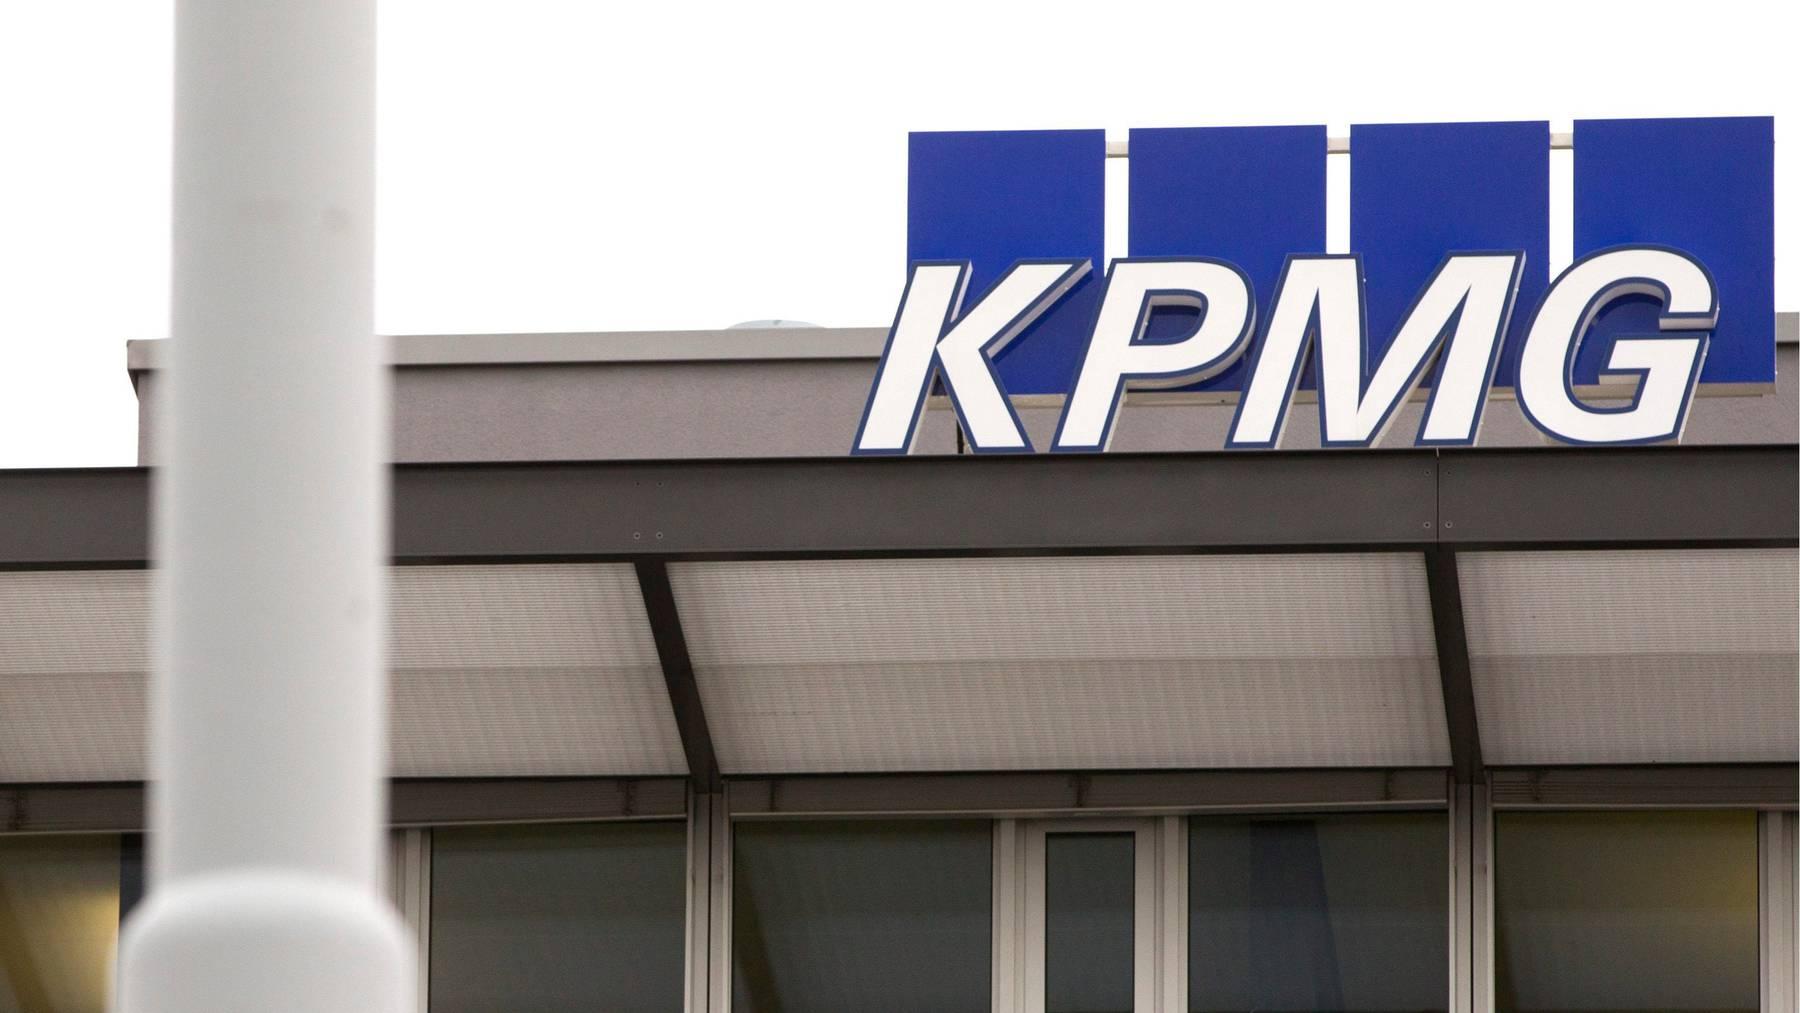 Hélène Béguin steht neu an der Spitze des Verwaltungsrats der KPMG. (Symbolbild).